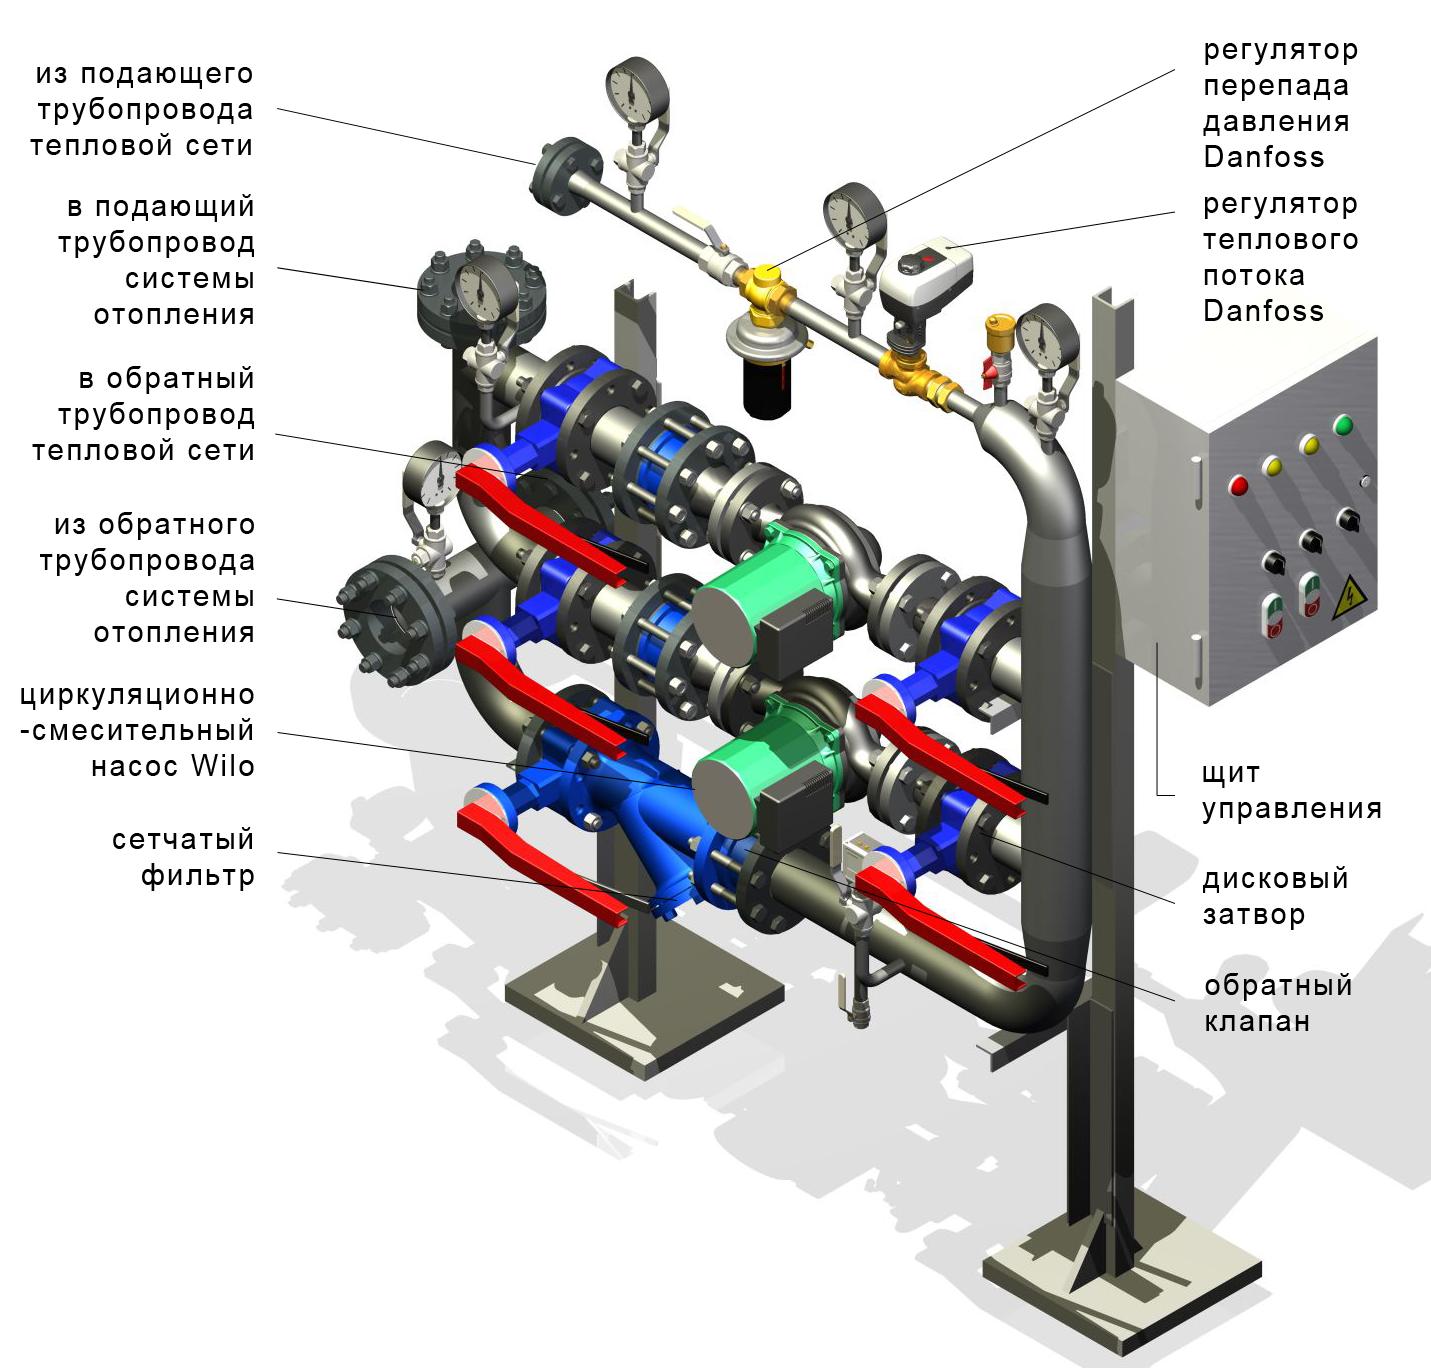 Конструкция модульного теплового пункта